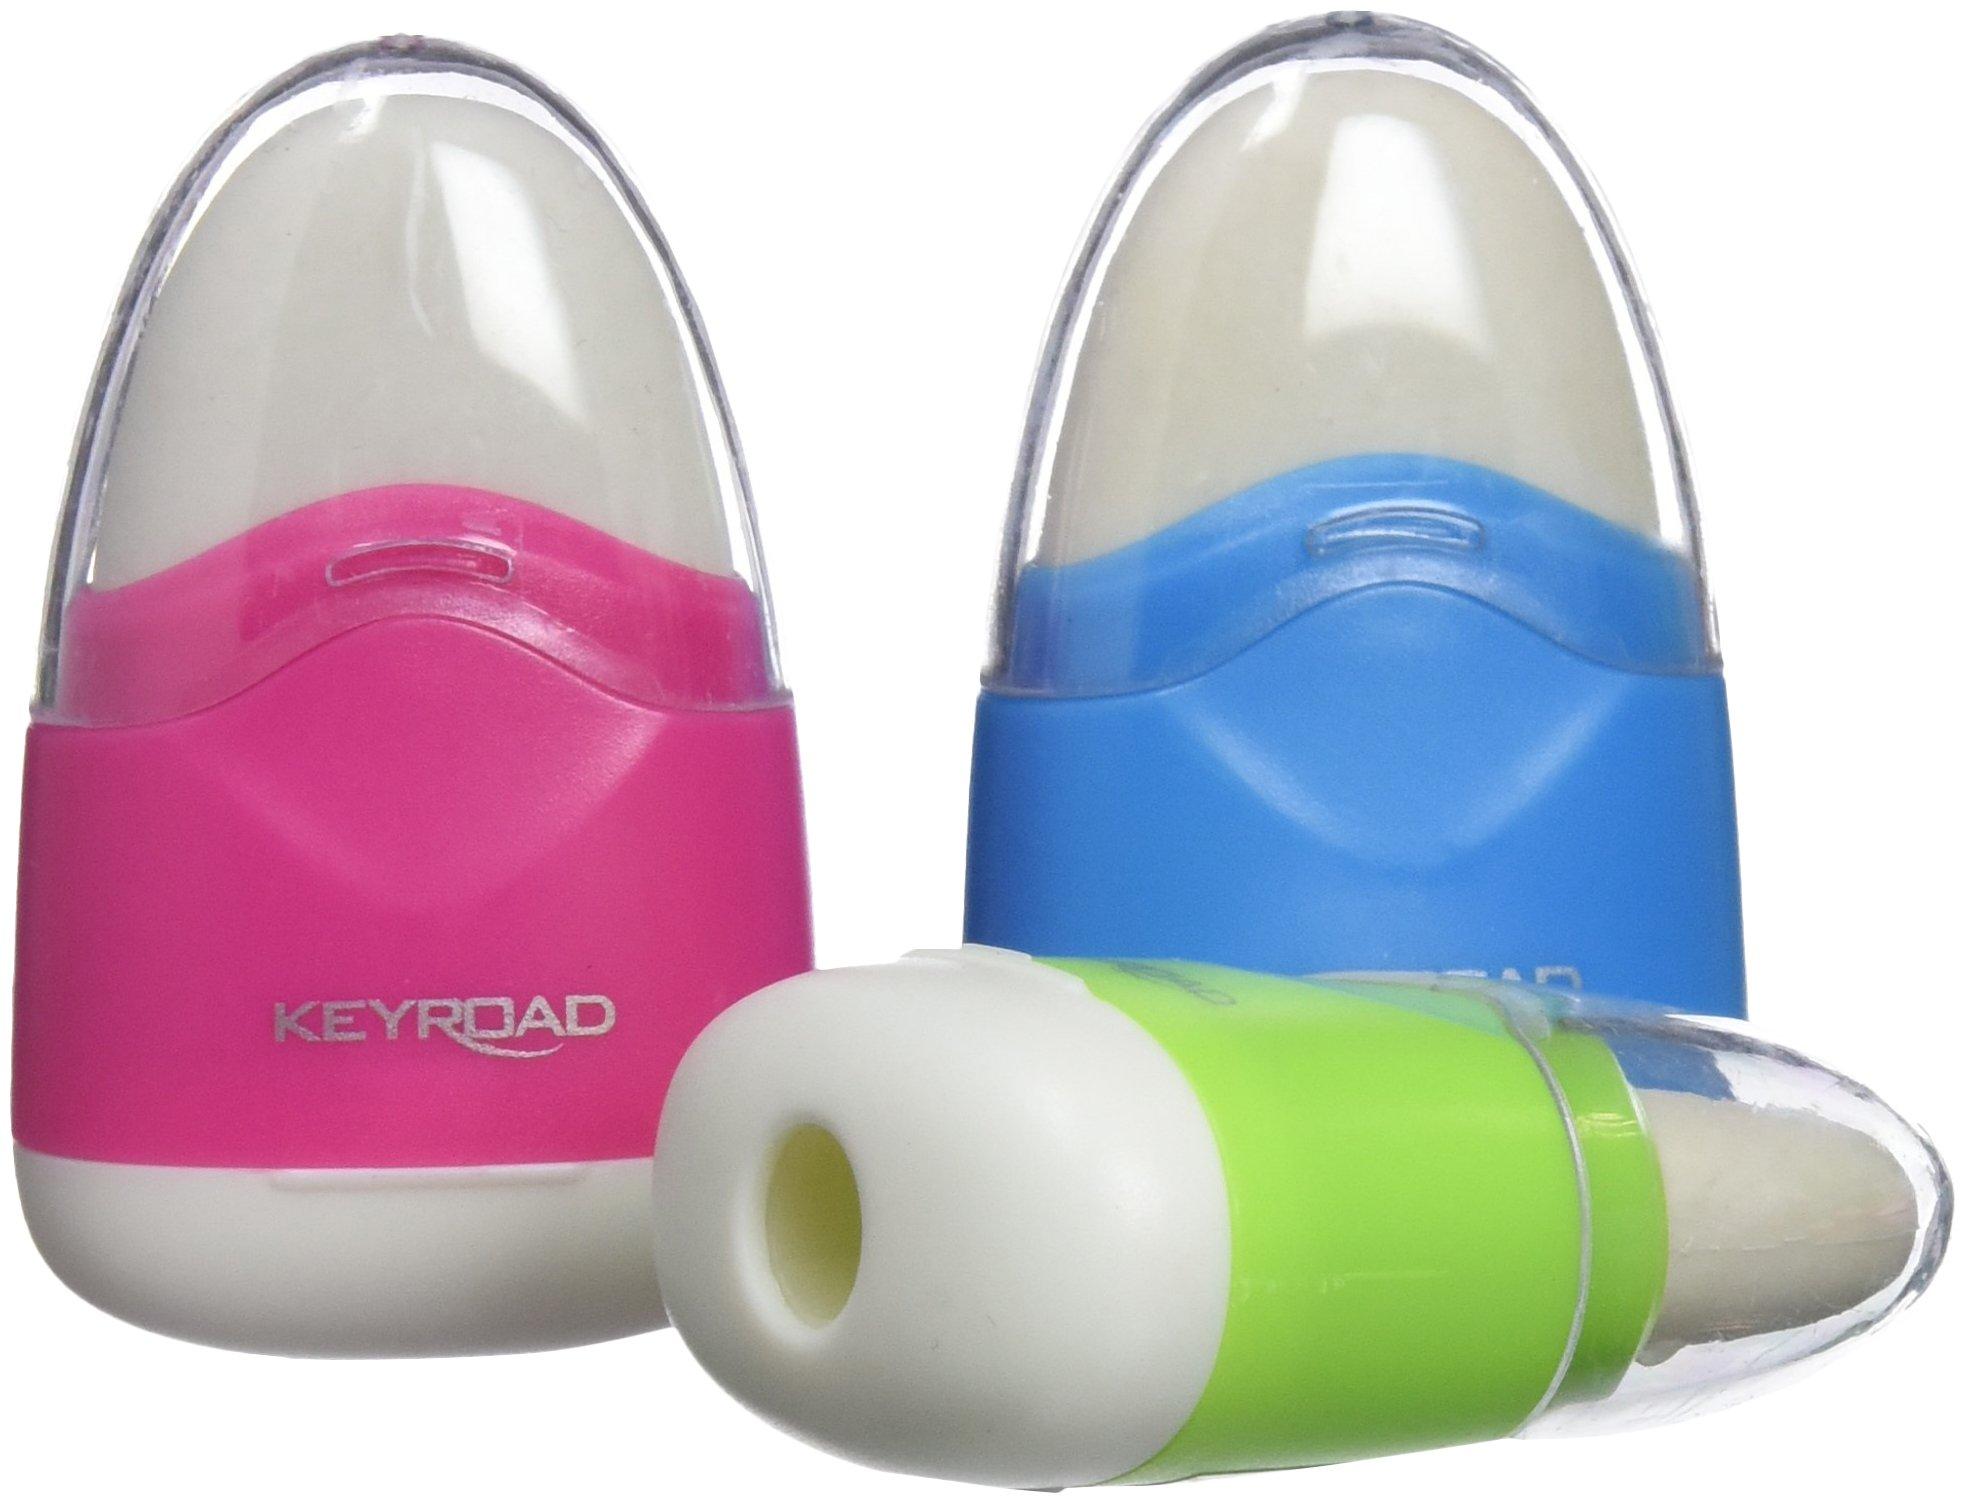 Keyroad kr971077–Pack of 36Erasers with Sharpener by Keyroad (Image #1)